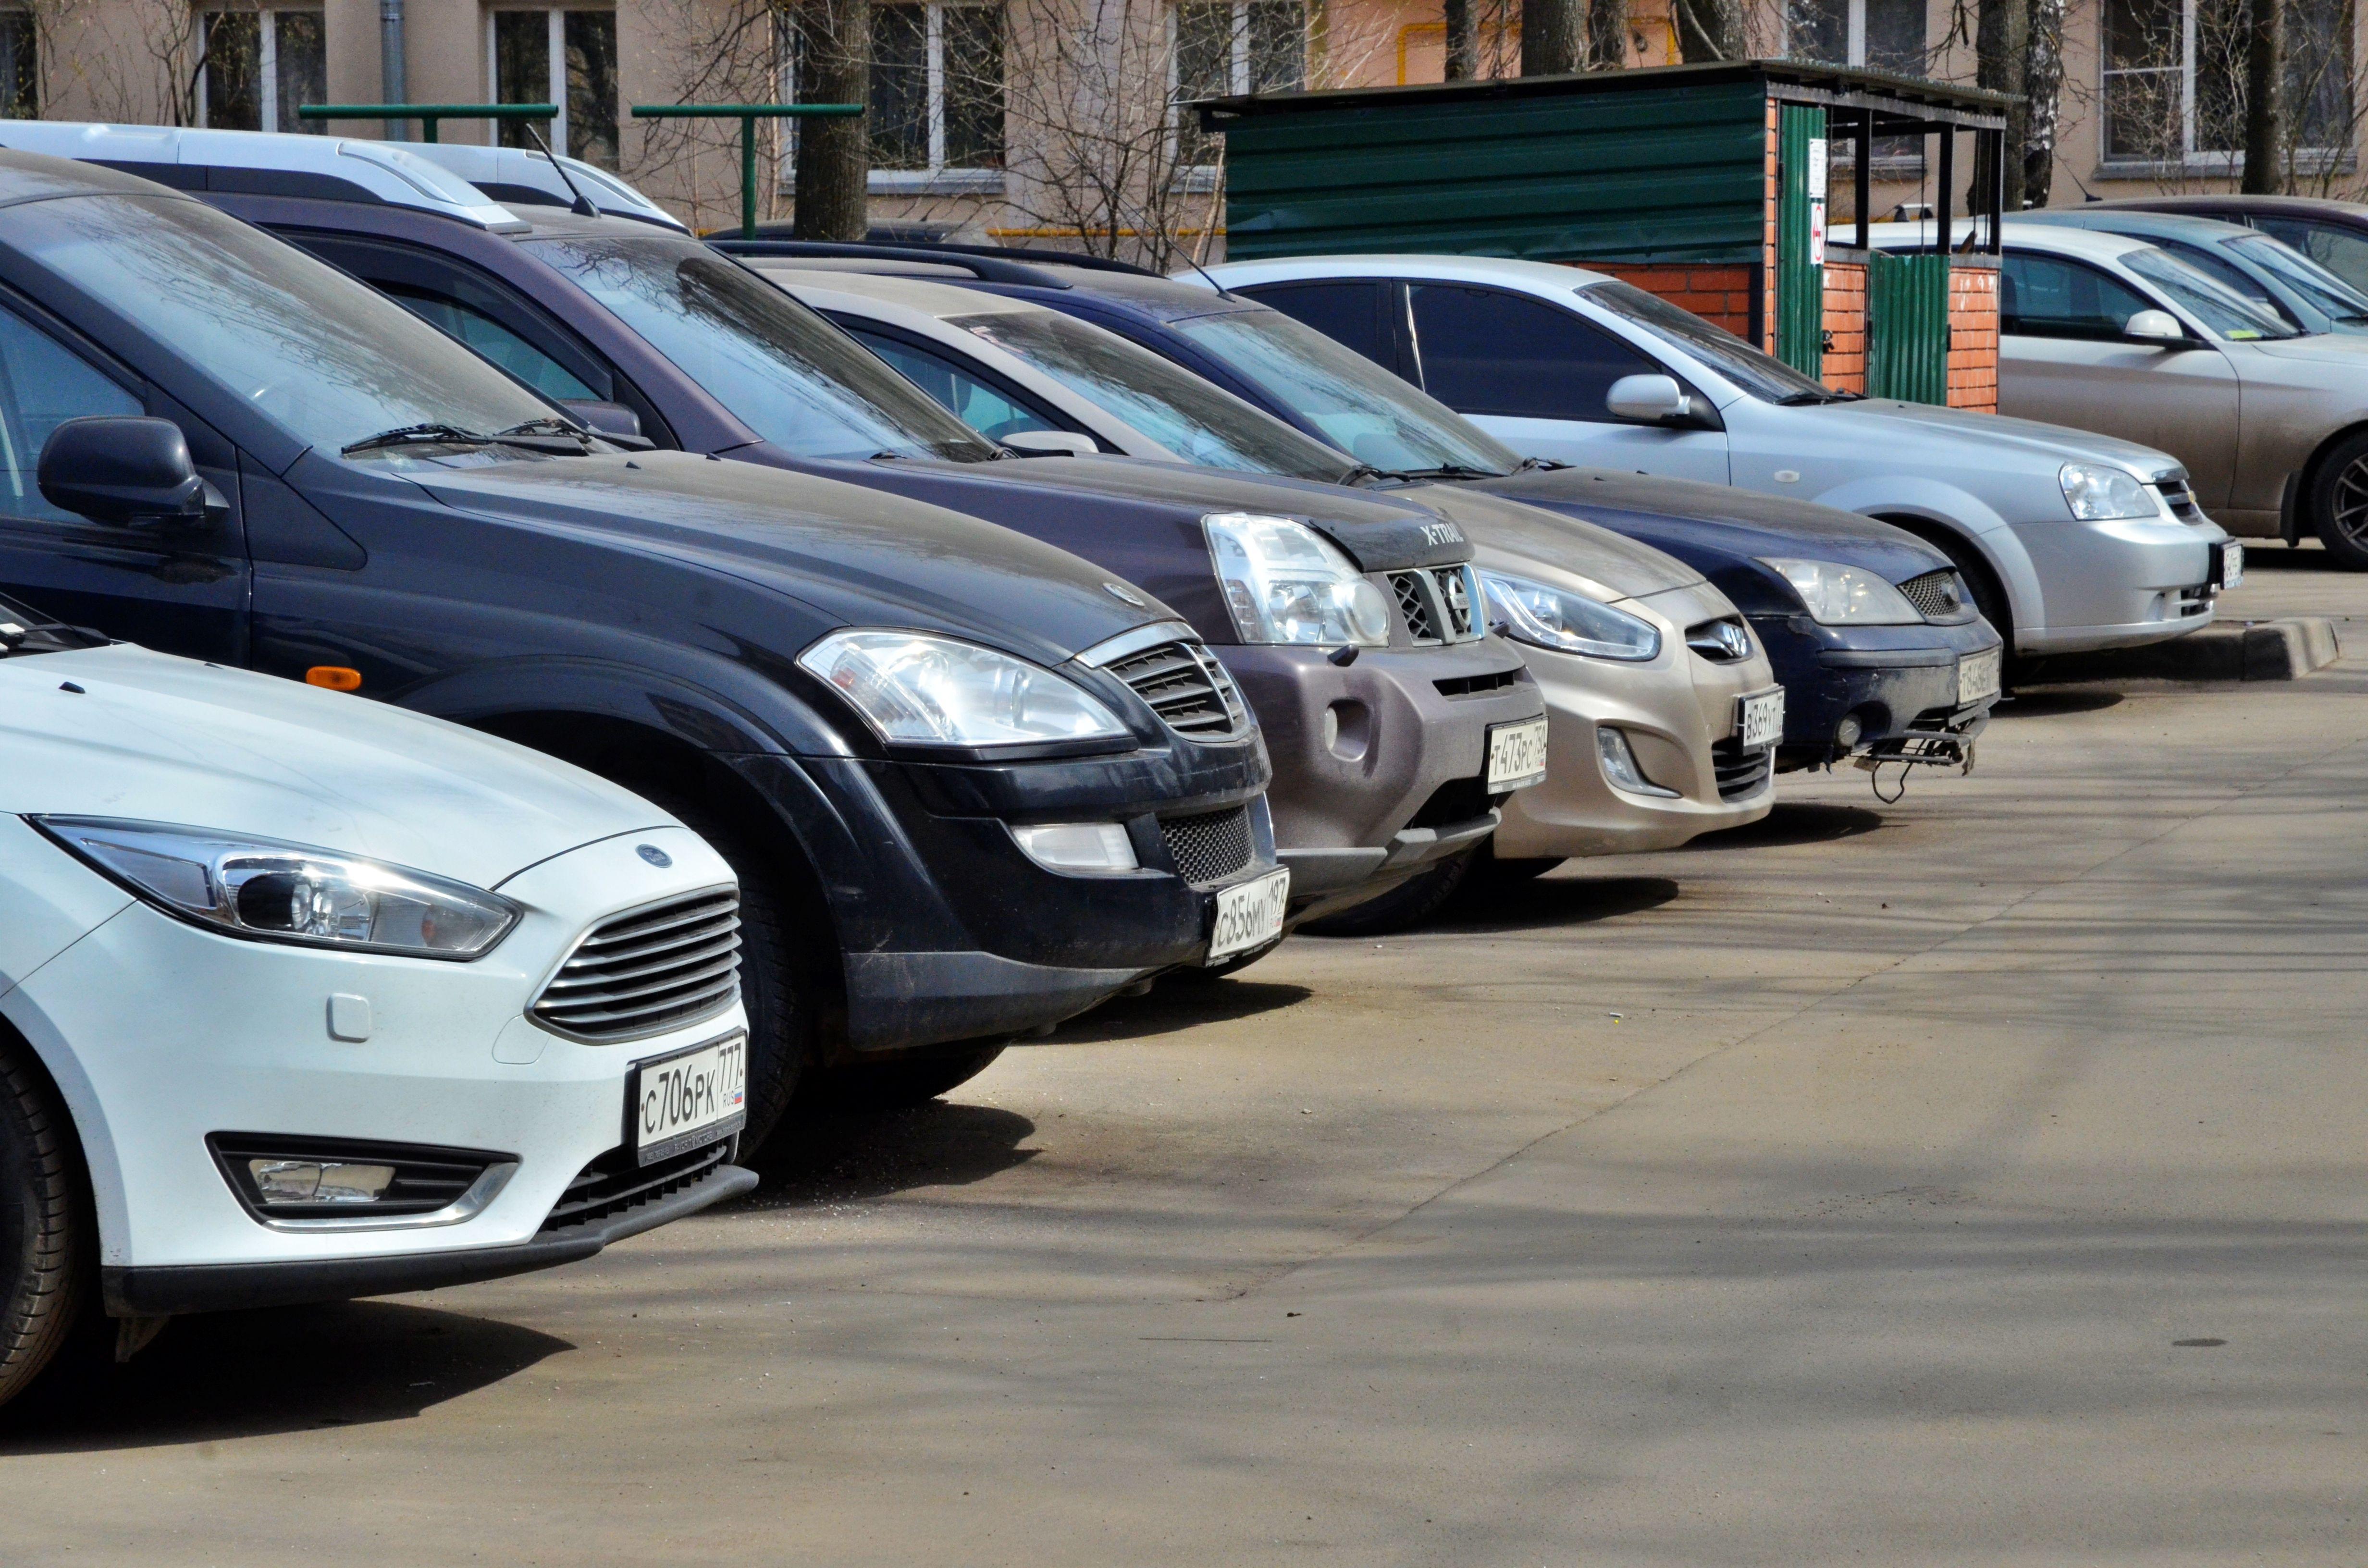 СМС-оповещения о возможности продлить парковочные разрешения получили более девяти тысяч водителей